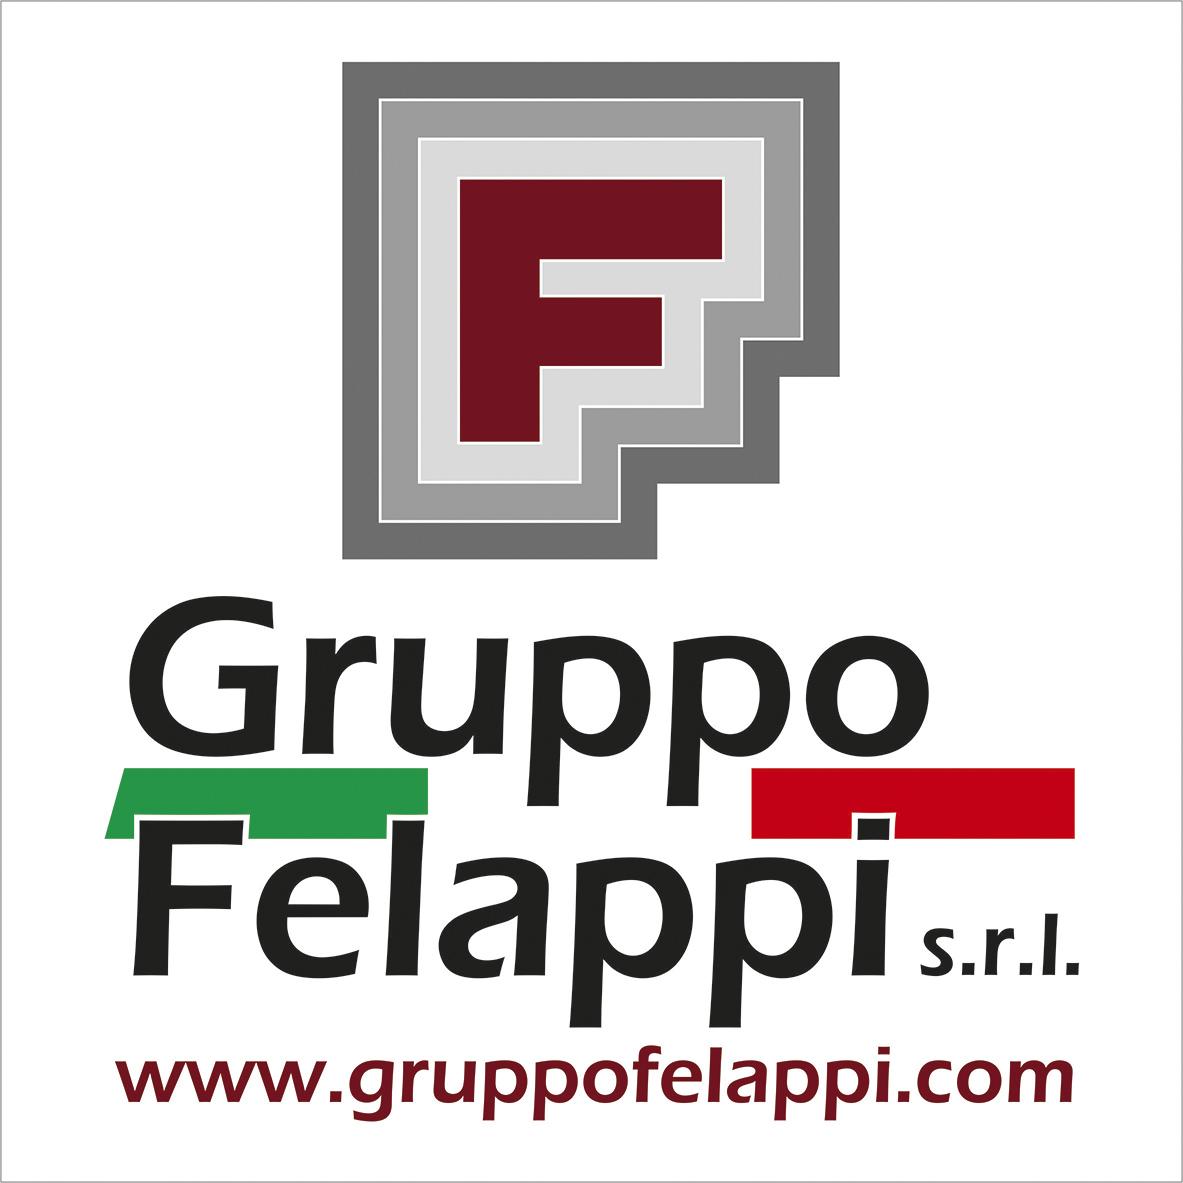 Gruppo Felappi S.r.l.